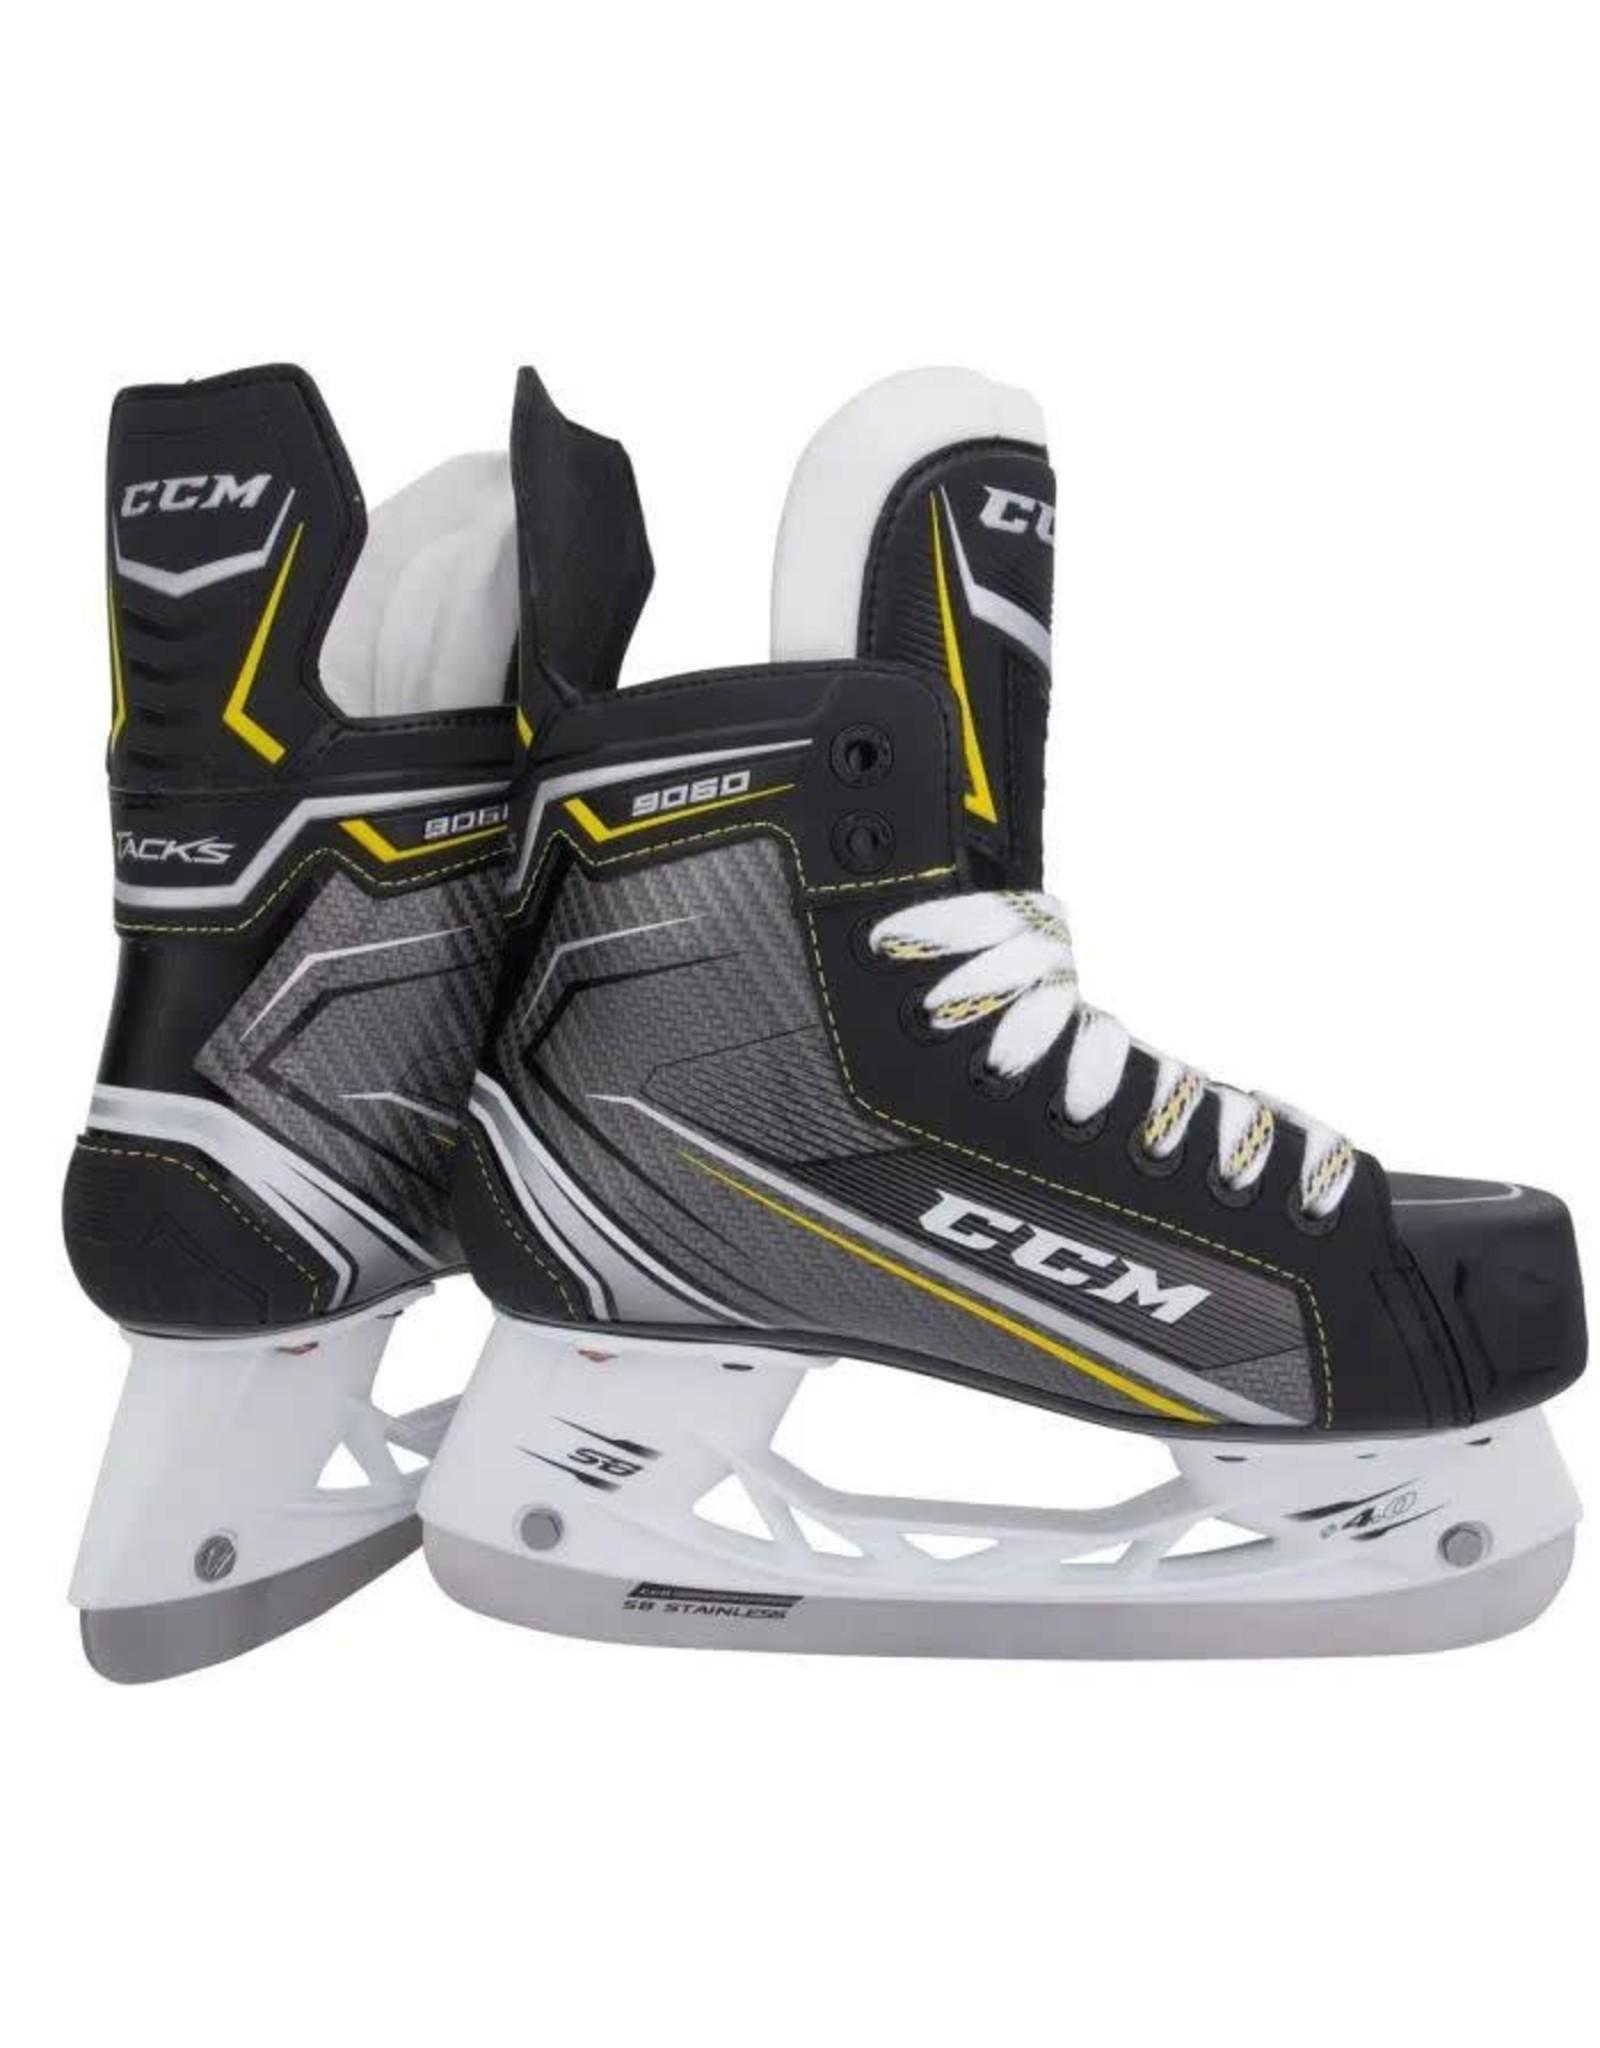 CCM Tacks 9060, Junior Hockey Skate